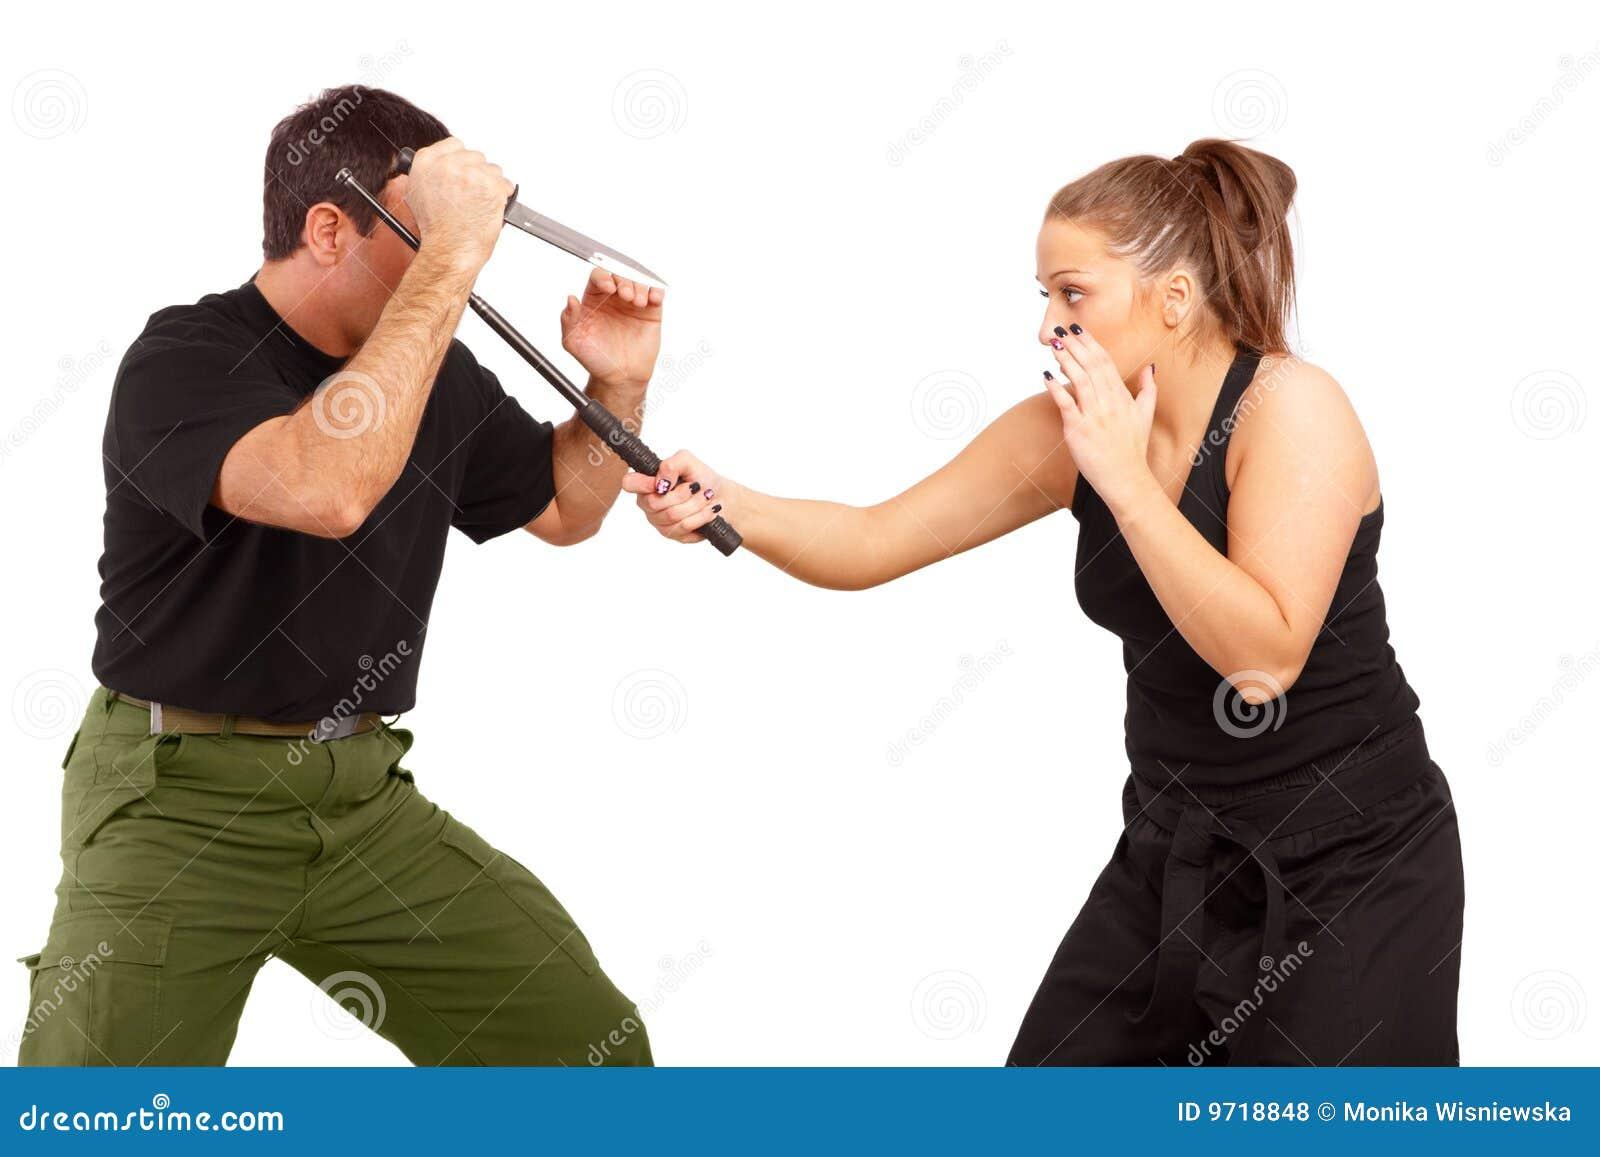 Эффективные ножи самообороны 26 фотография